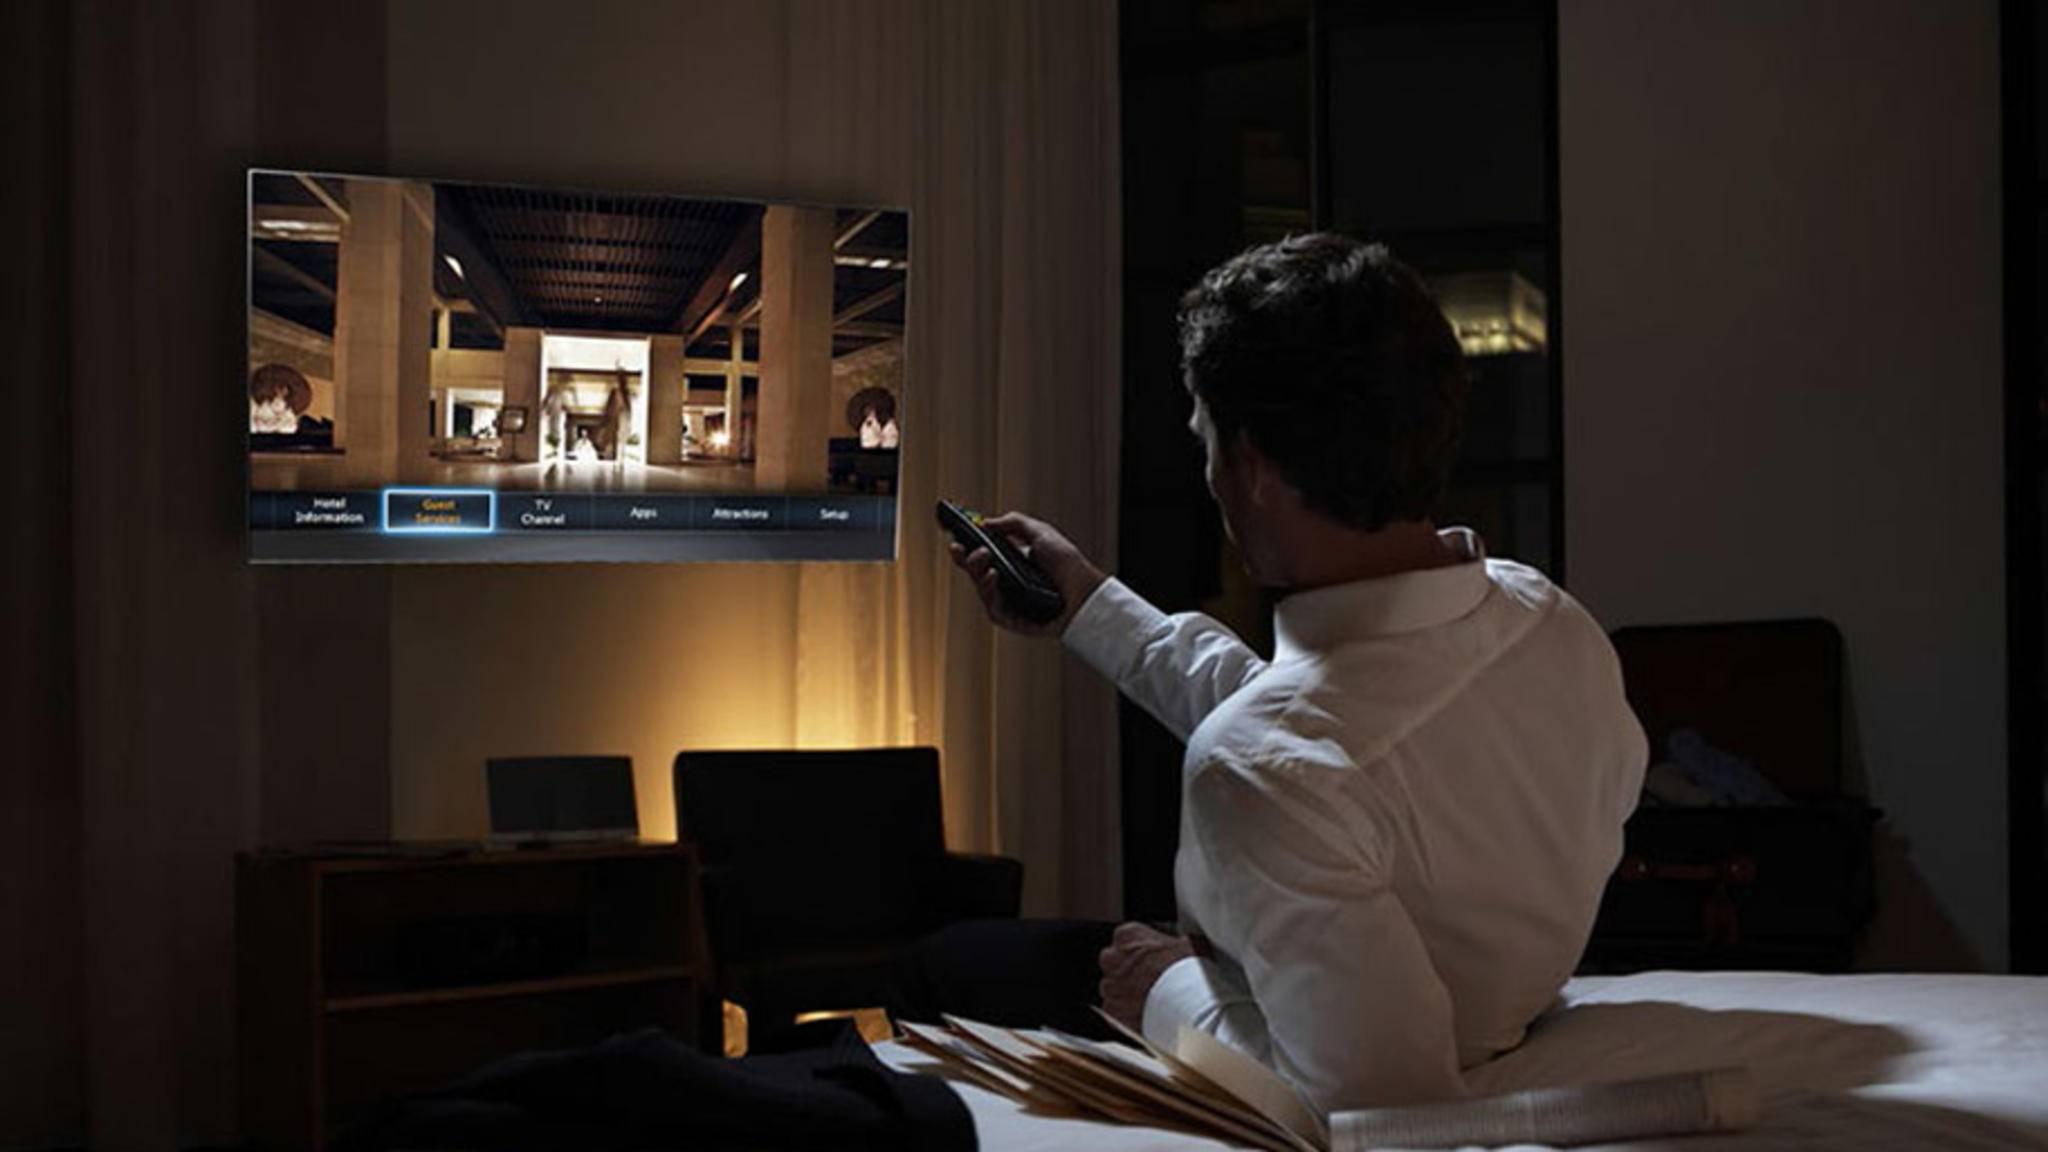 Viele TV-Geräte haben einen speziellen Hotelmodus, der tiefergehende Einstellungen erlaubt.